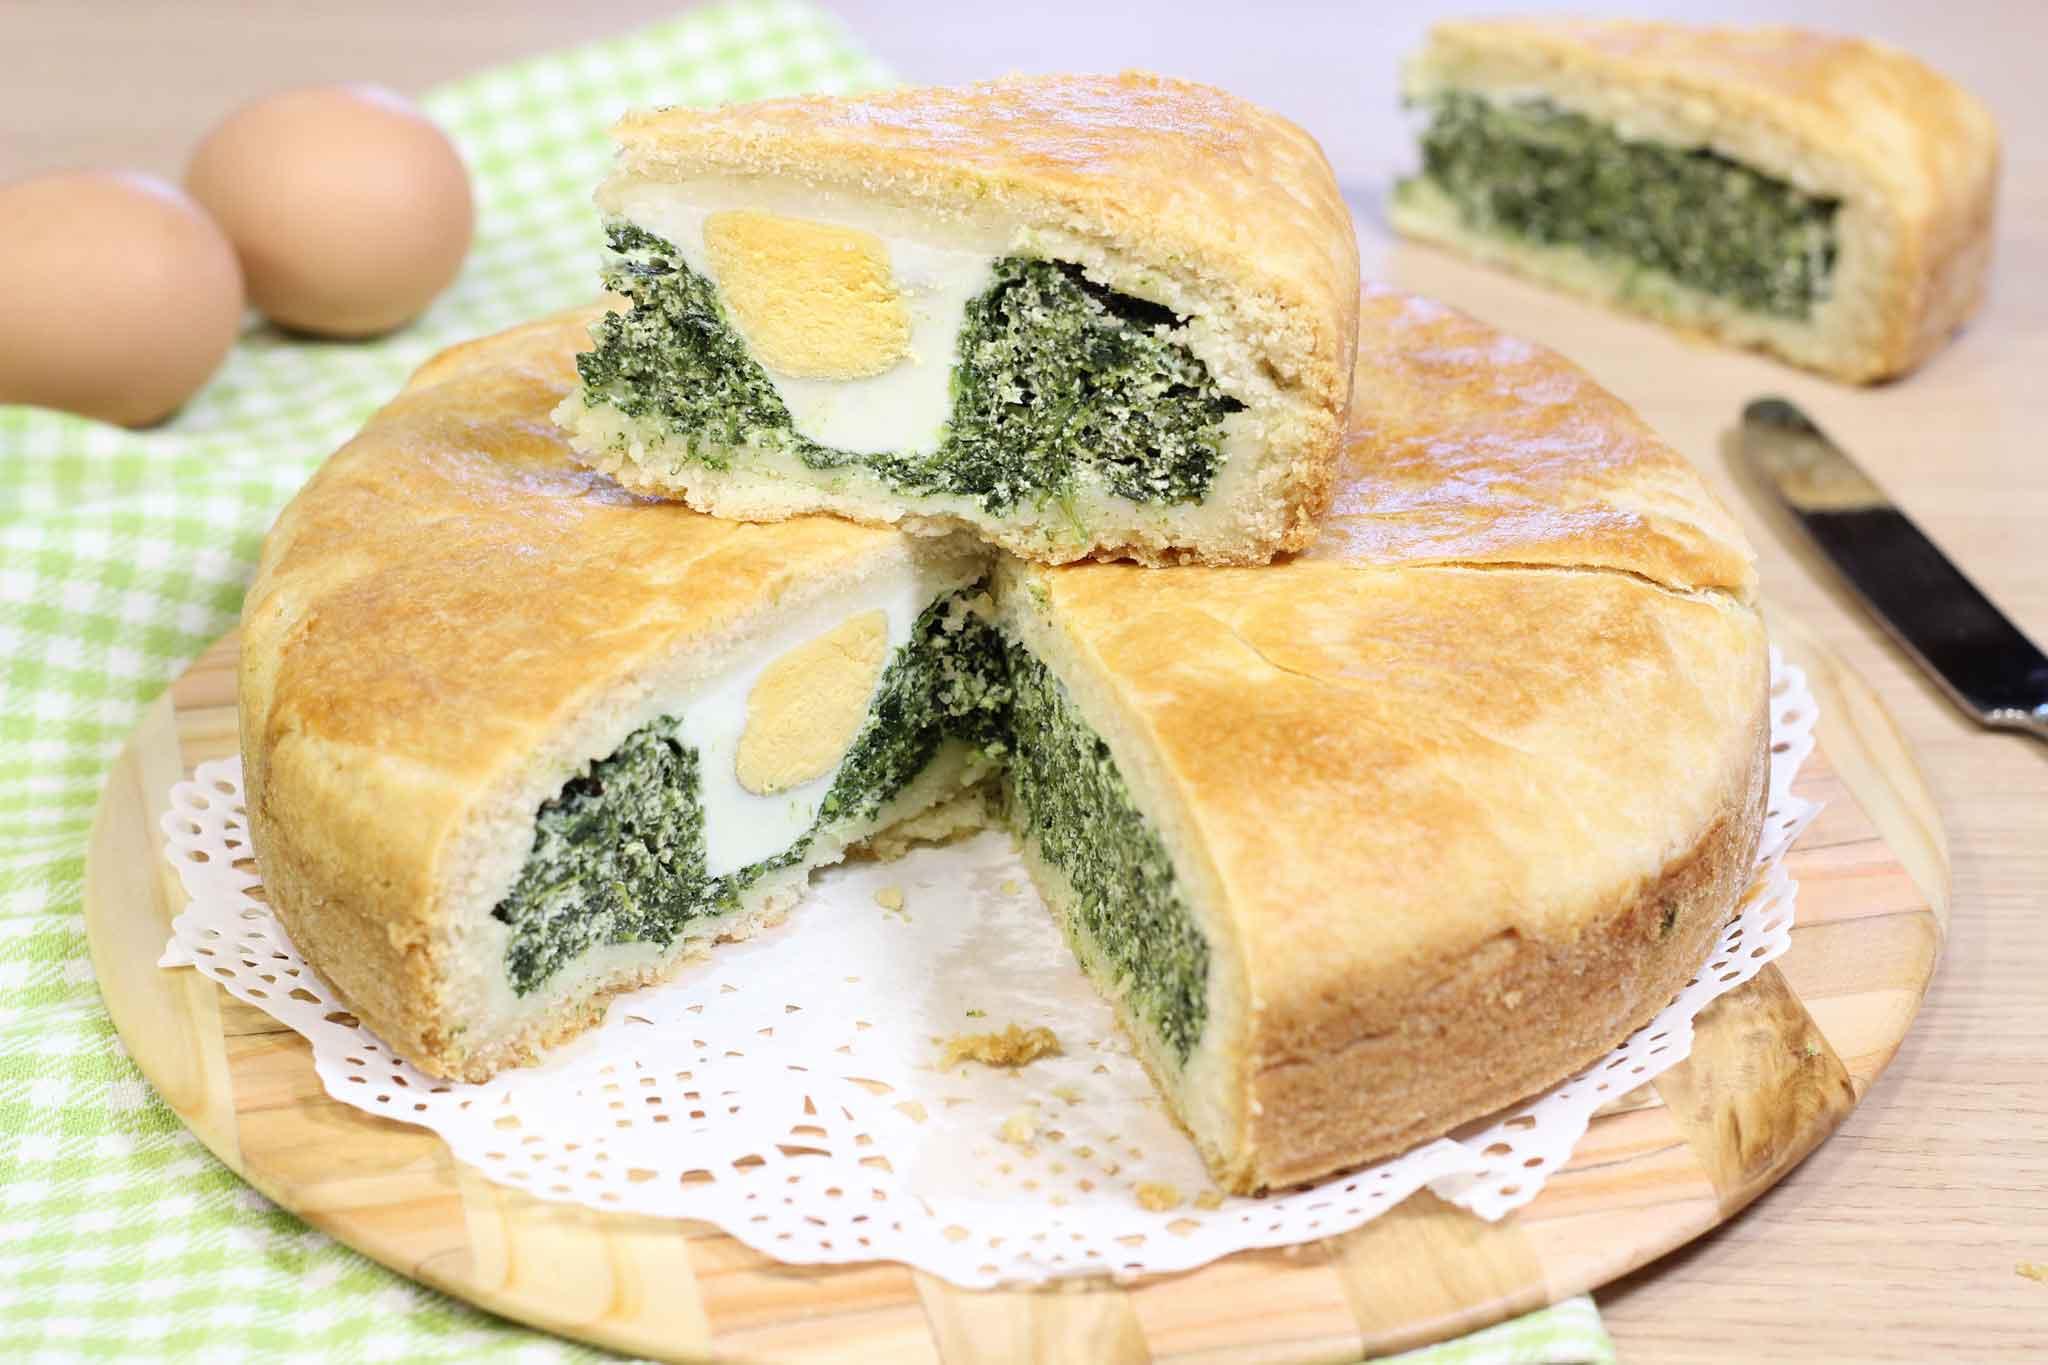 Torta pasqualina tutte le ricette da fare a casa for Gnocchi di ricotta fatto in casa da benedetta